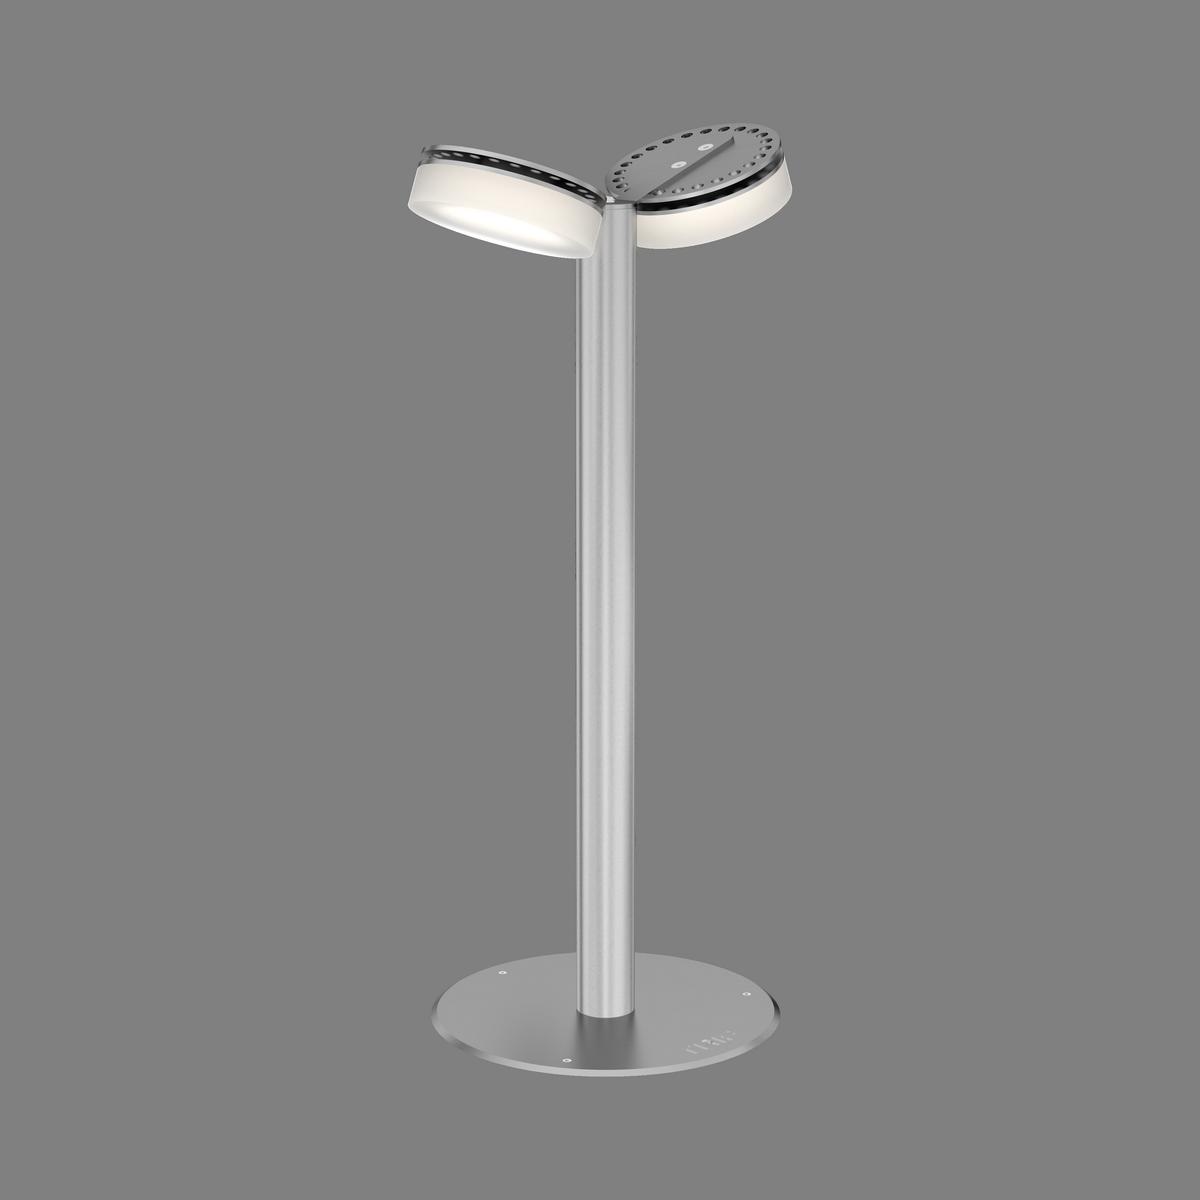 Светодиодные уличные светильники для дачи на ножке TRIF OLIVA DUO